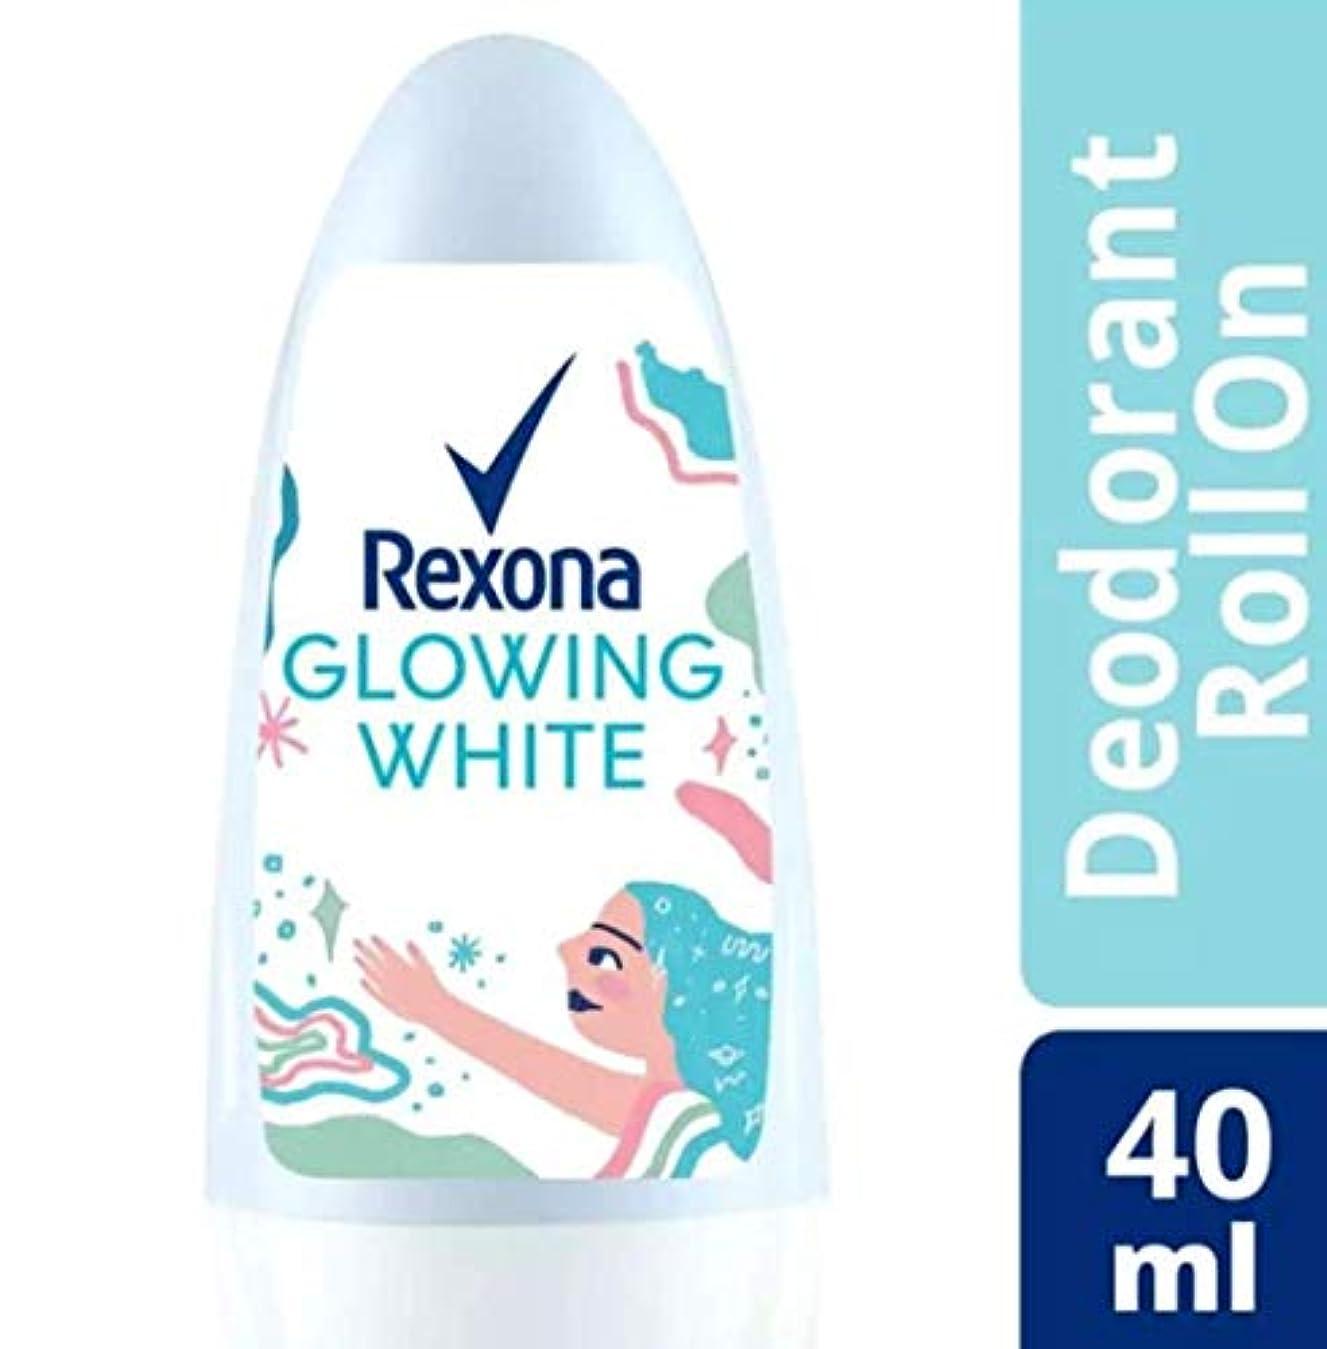 春ロデオ船酔いRexona レクソナ woman 制汗 デオドラント ロールオン GROWING WHITE【アルコール 0%】 ソフトなバラの香り 40ml [並行輸入品]